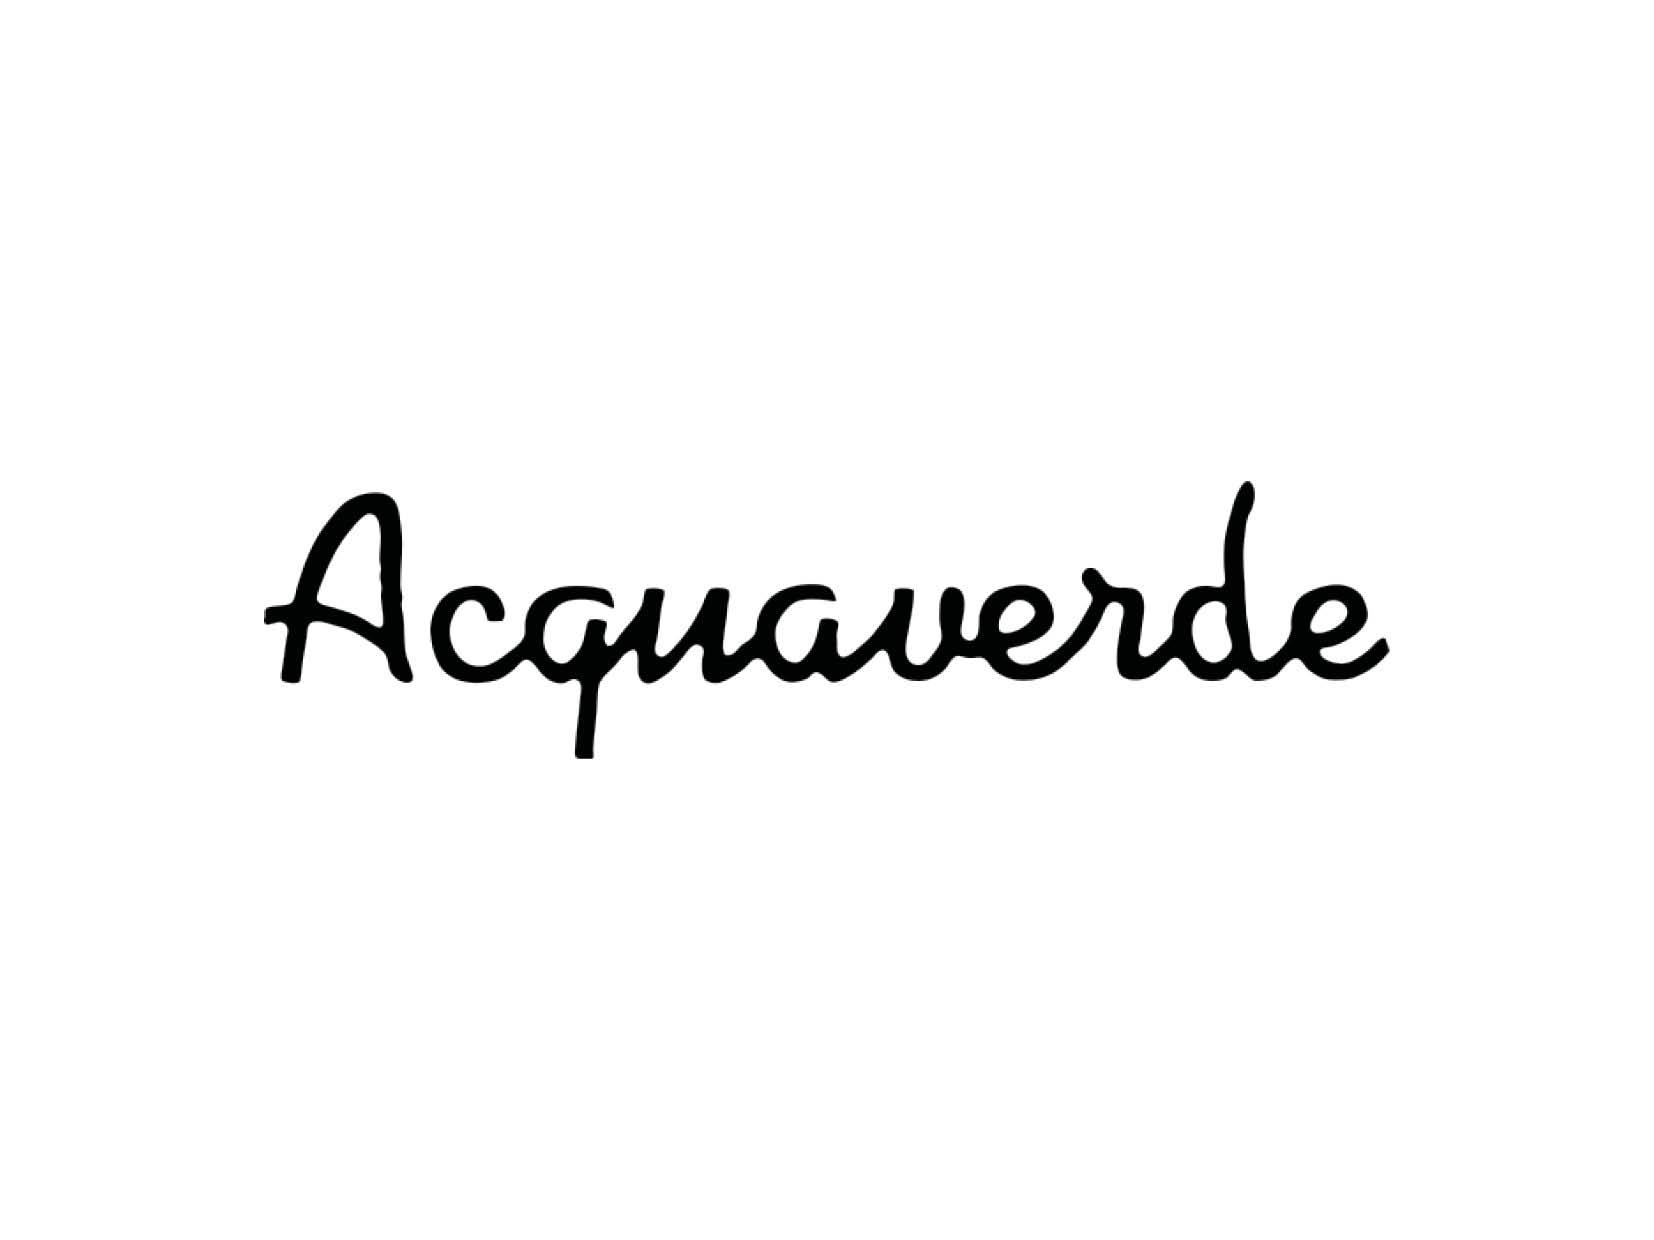 Acquaverde - FW2020